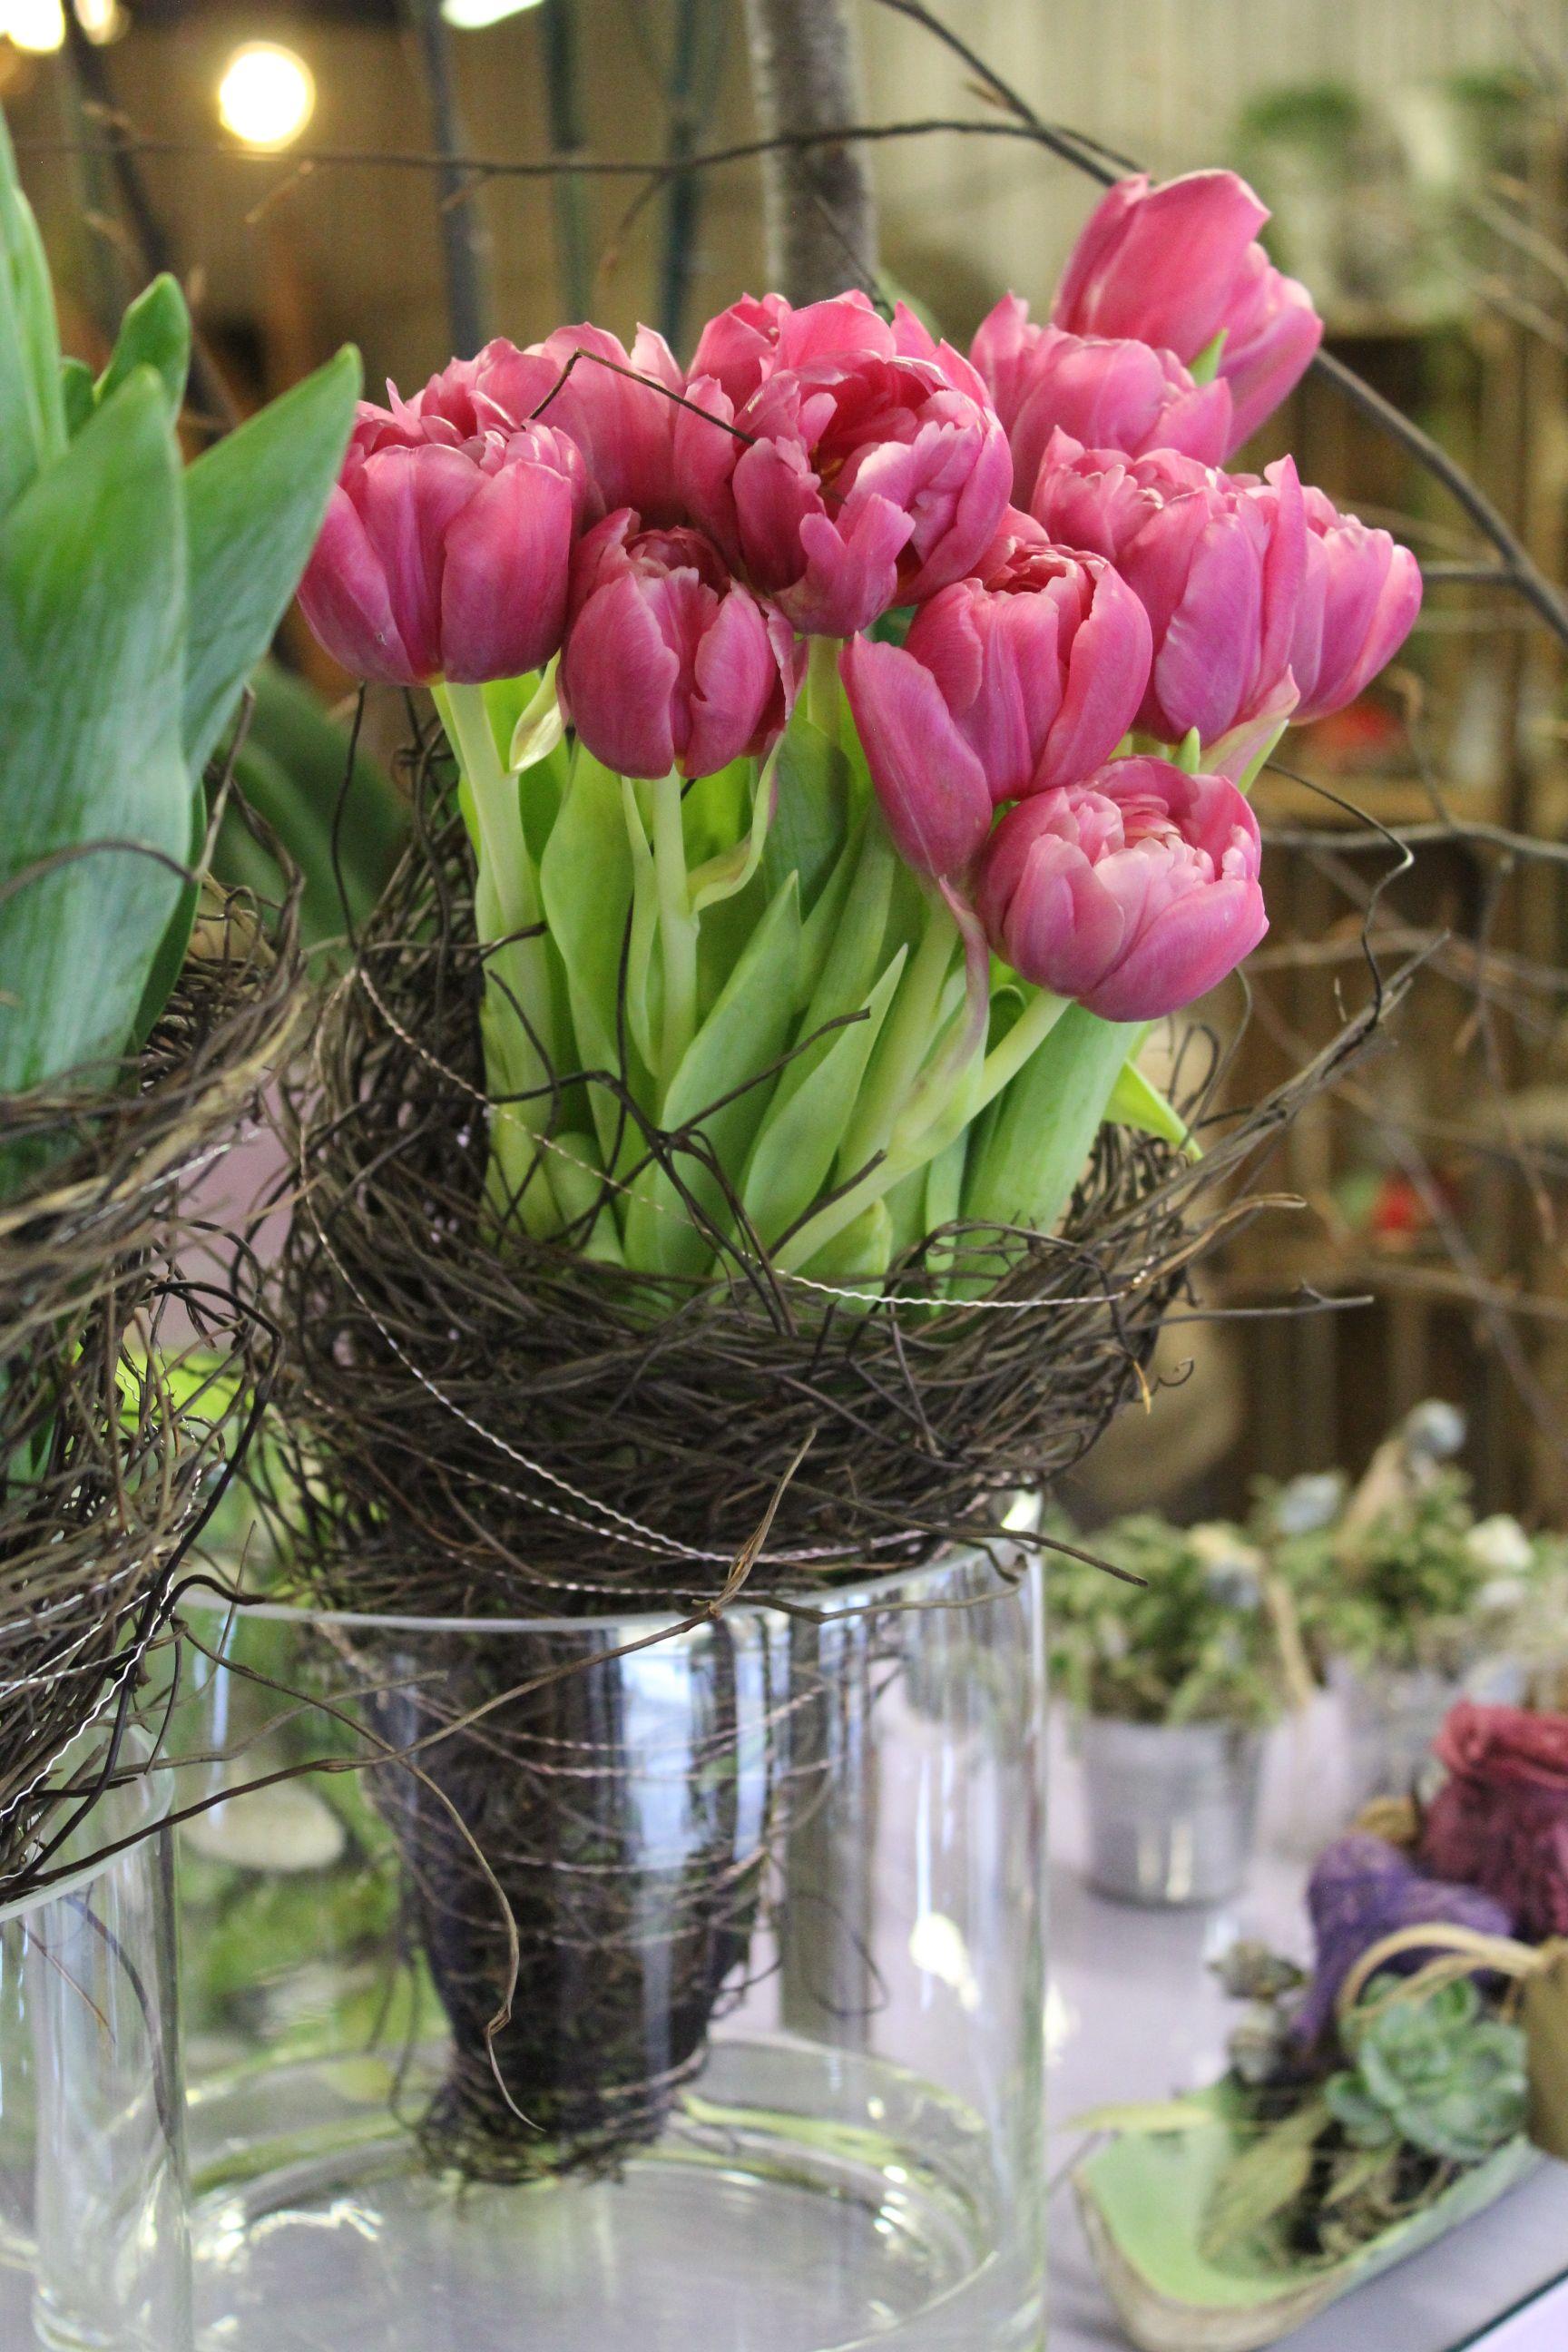 schlichte frühlingsdekoration mit gefüllten rosa tulpen, Gartengerate ideen